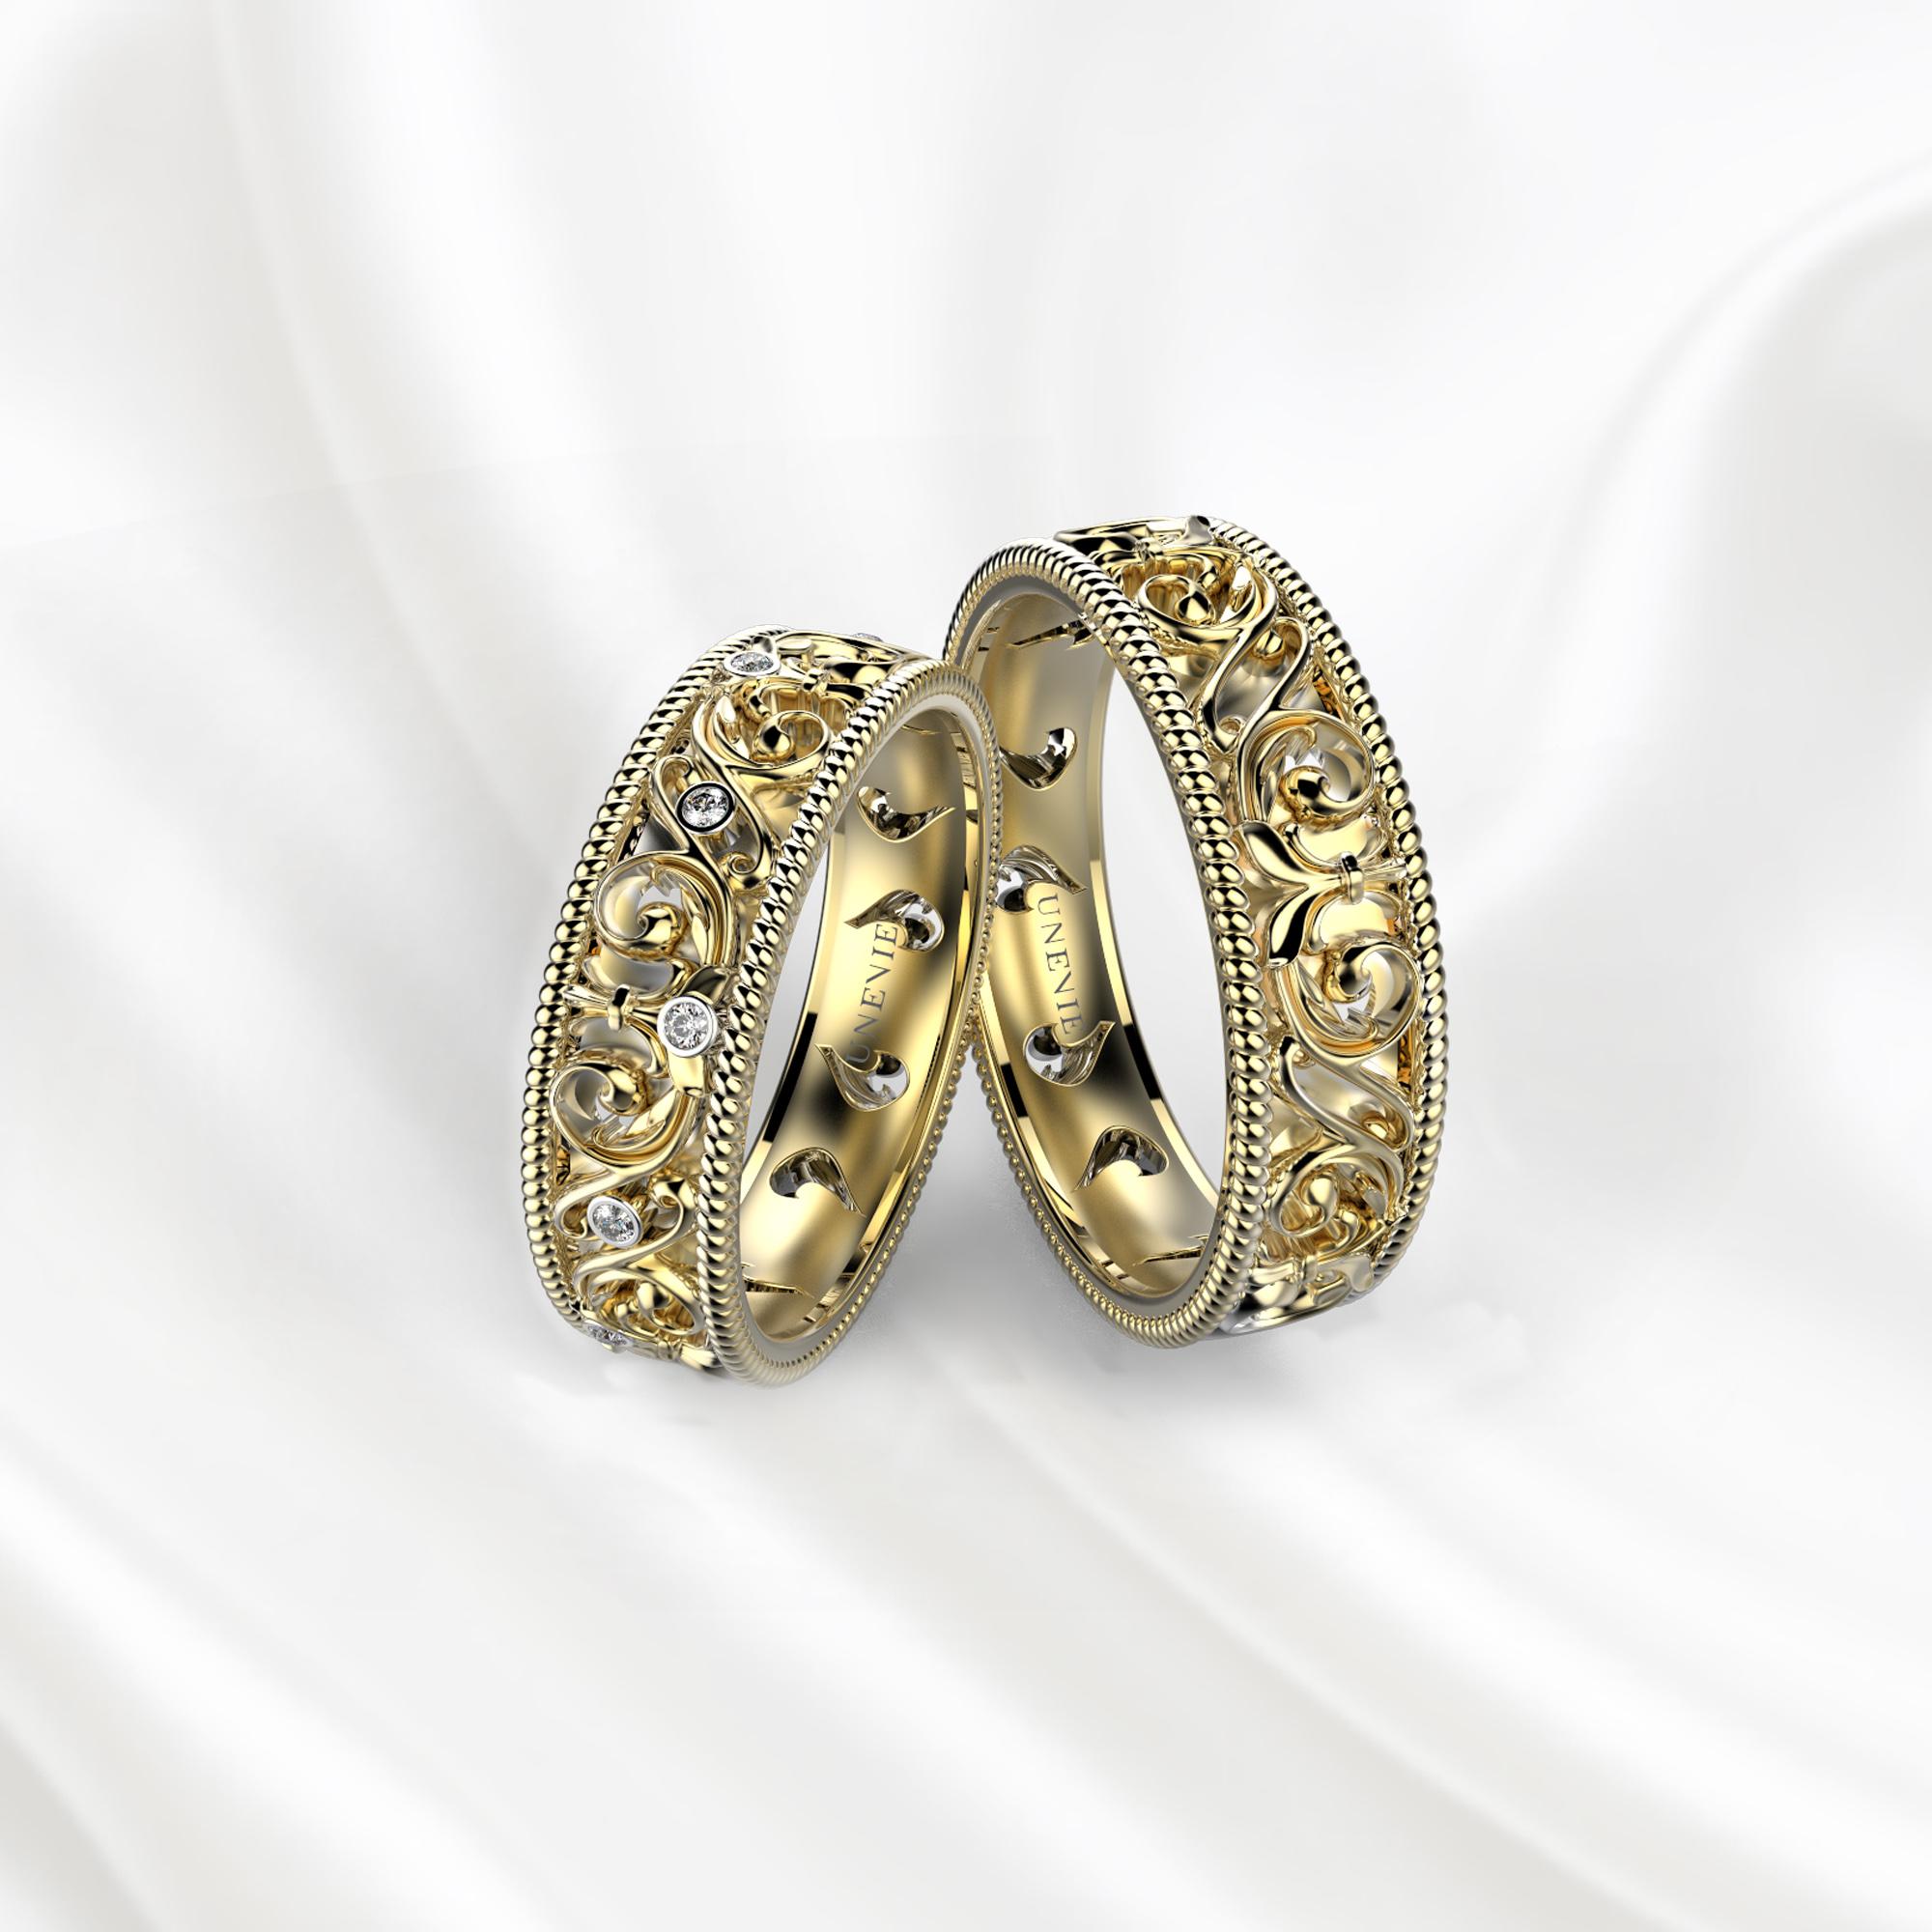 NV28 Обручальные кольца из желтого золота с бриллиантами